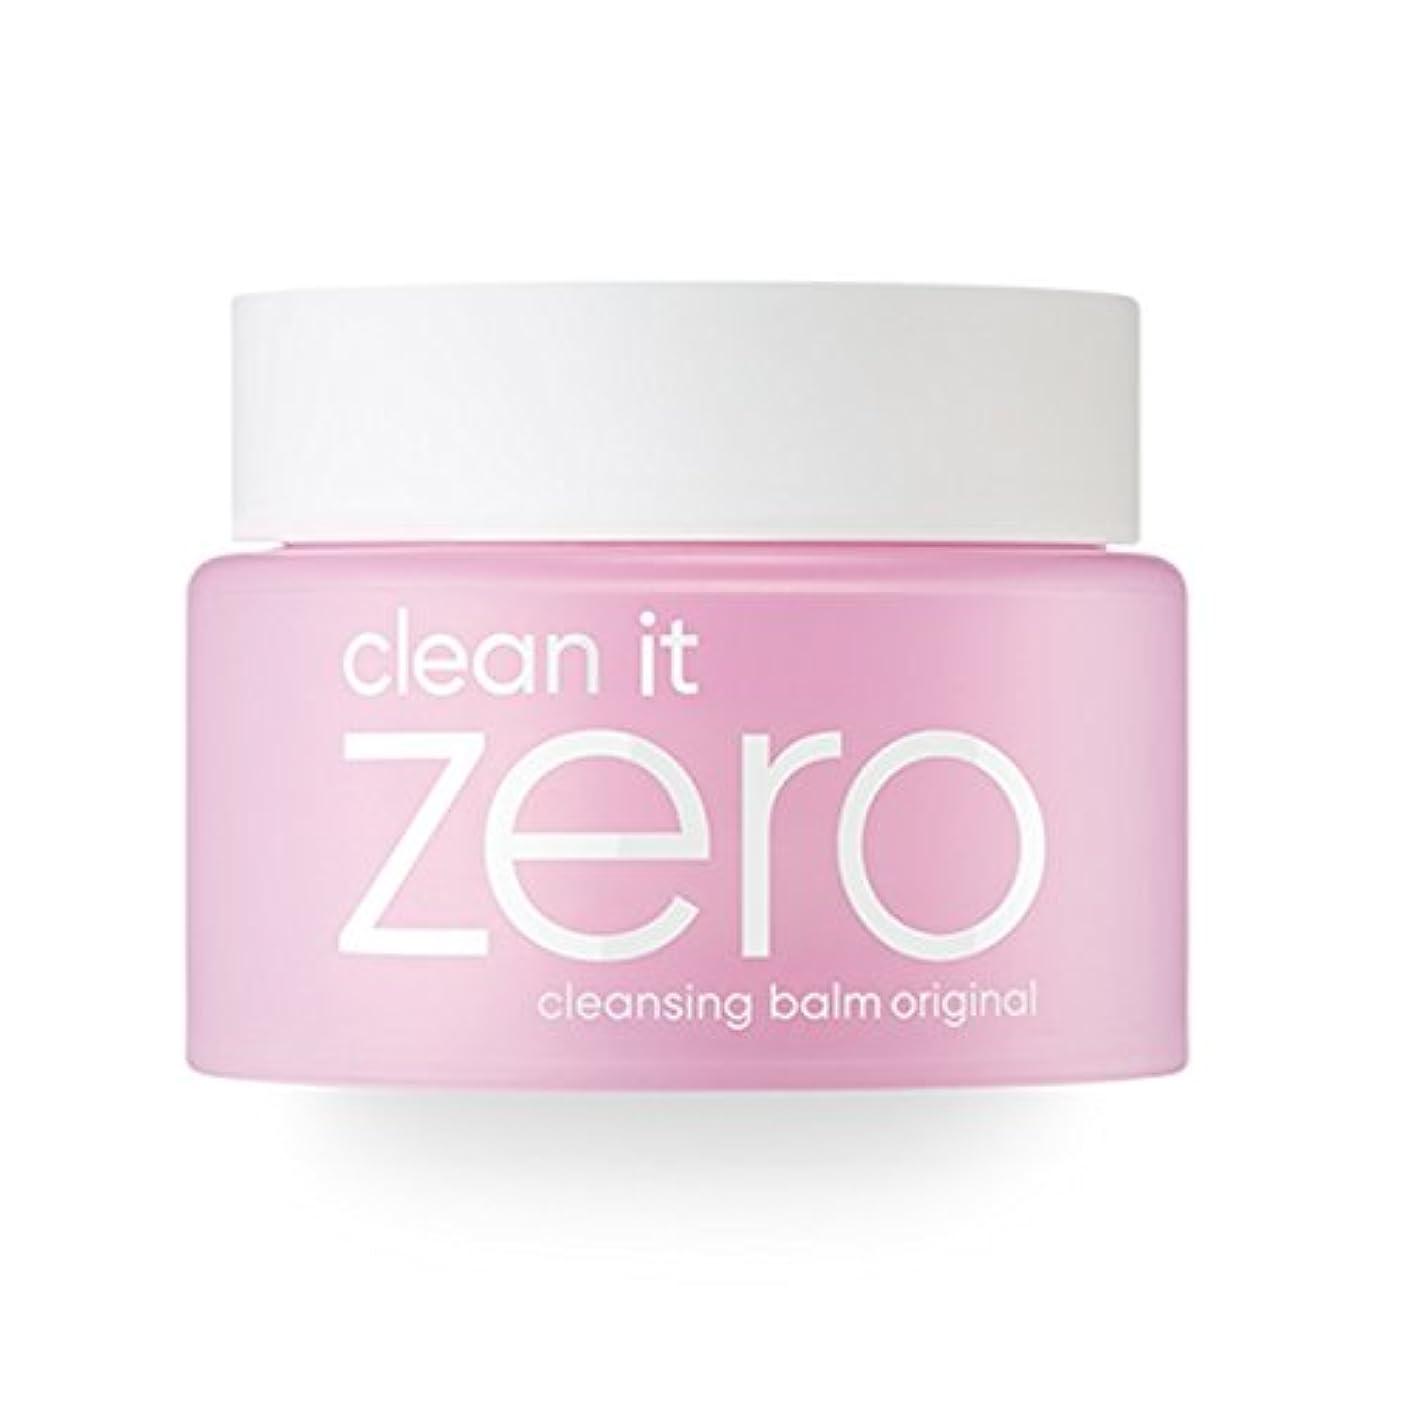 信頼スポークスマンためにBanila.co クリーン イット ゼロ クレンジングバーム オリジナル / Clean it Zero Cleansing Balm Original (100ml)